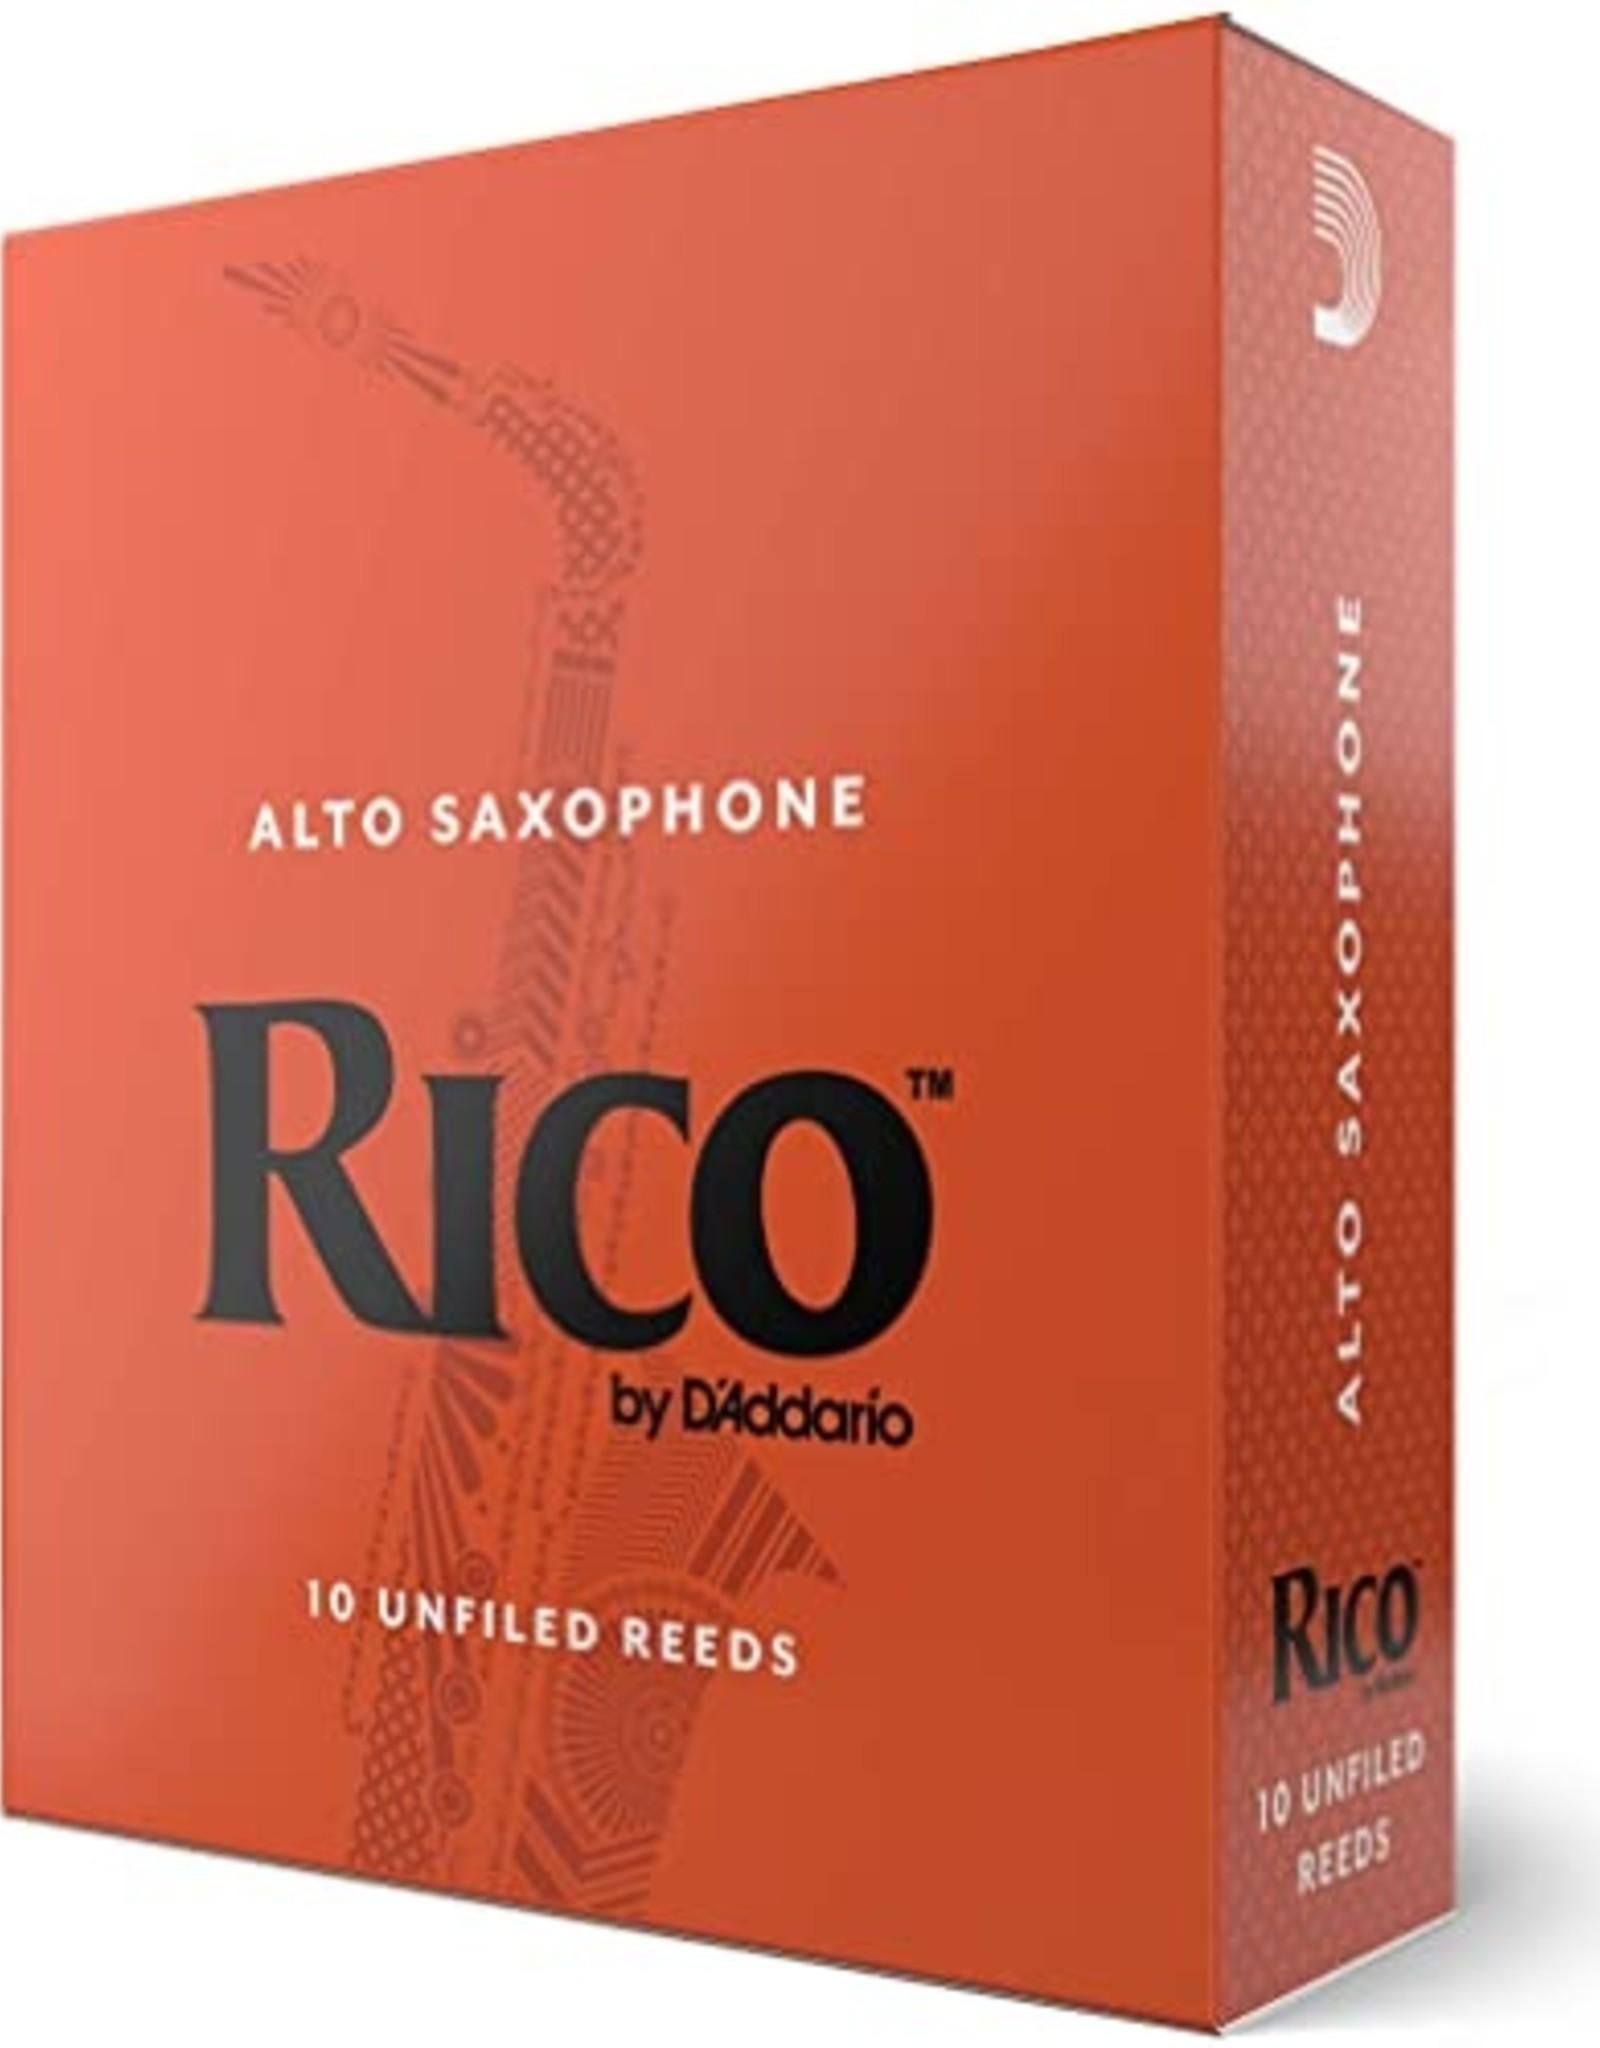 D'Addario Rico Alto Saxophone 2.0 Reeds, 10 Box